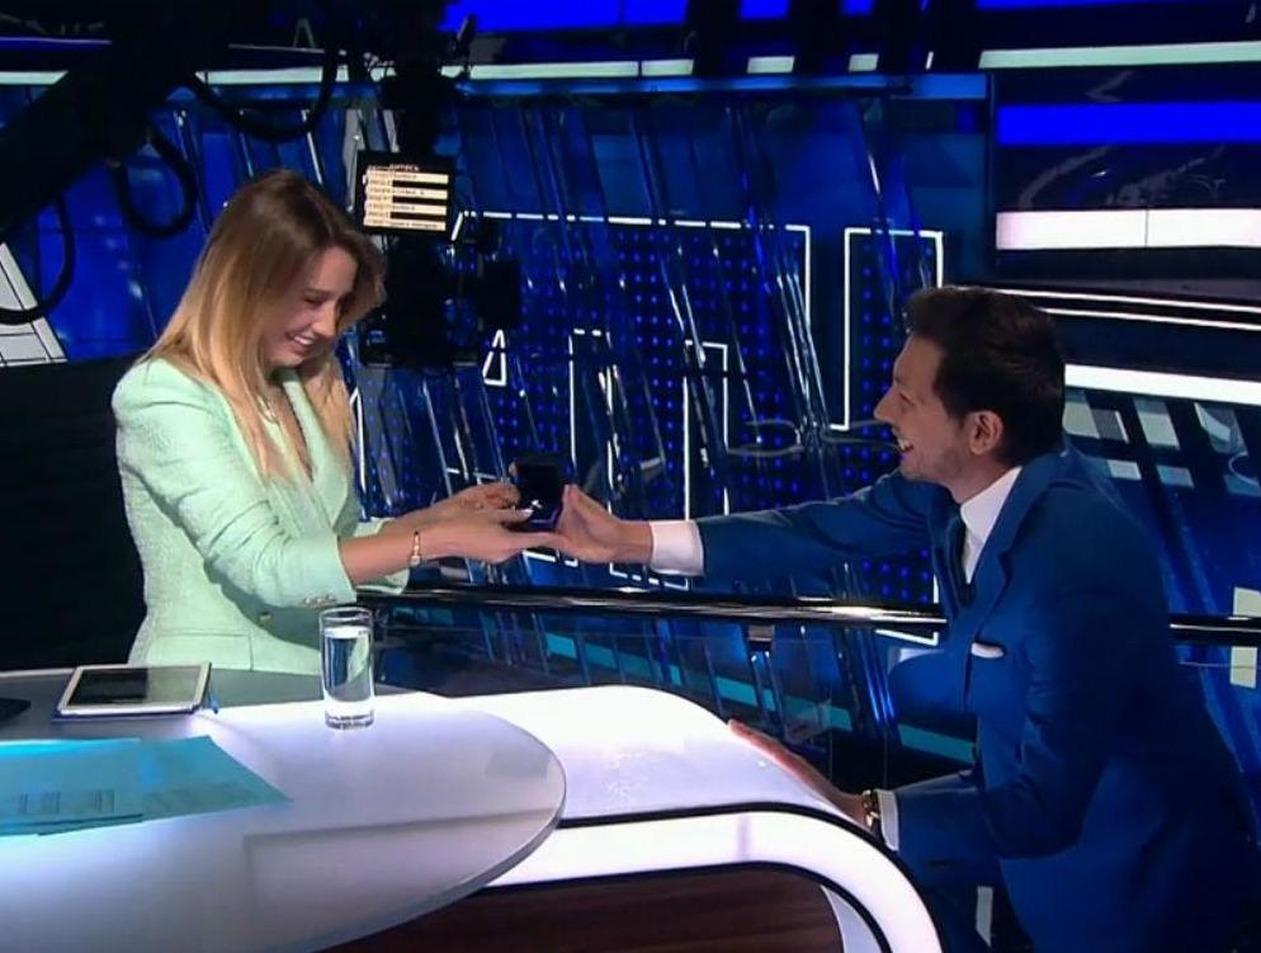 Ведущая «Матч ТВ» расплакалась от предложения руки и сердца в прямом эфире